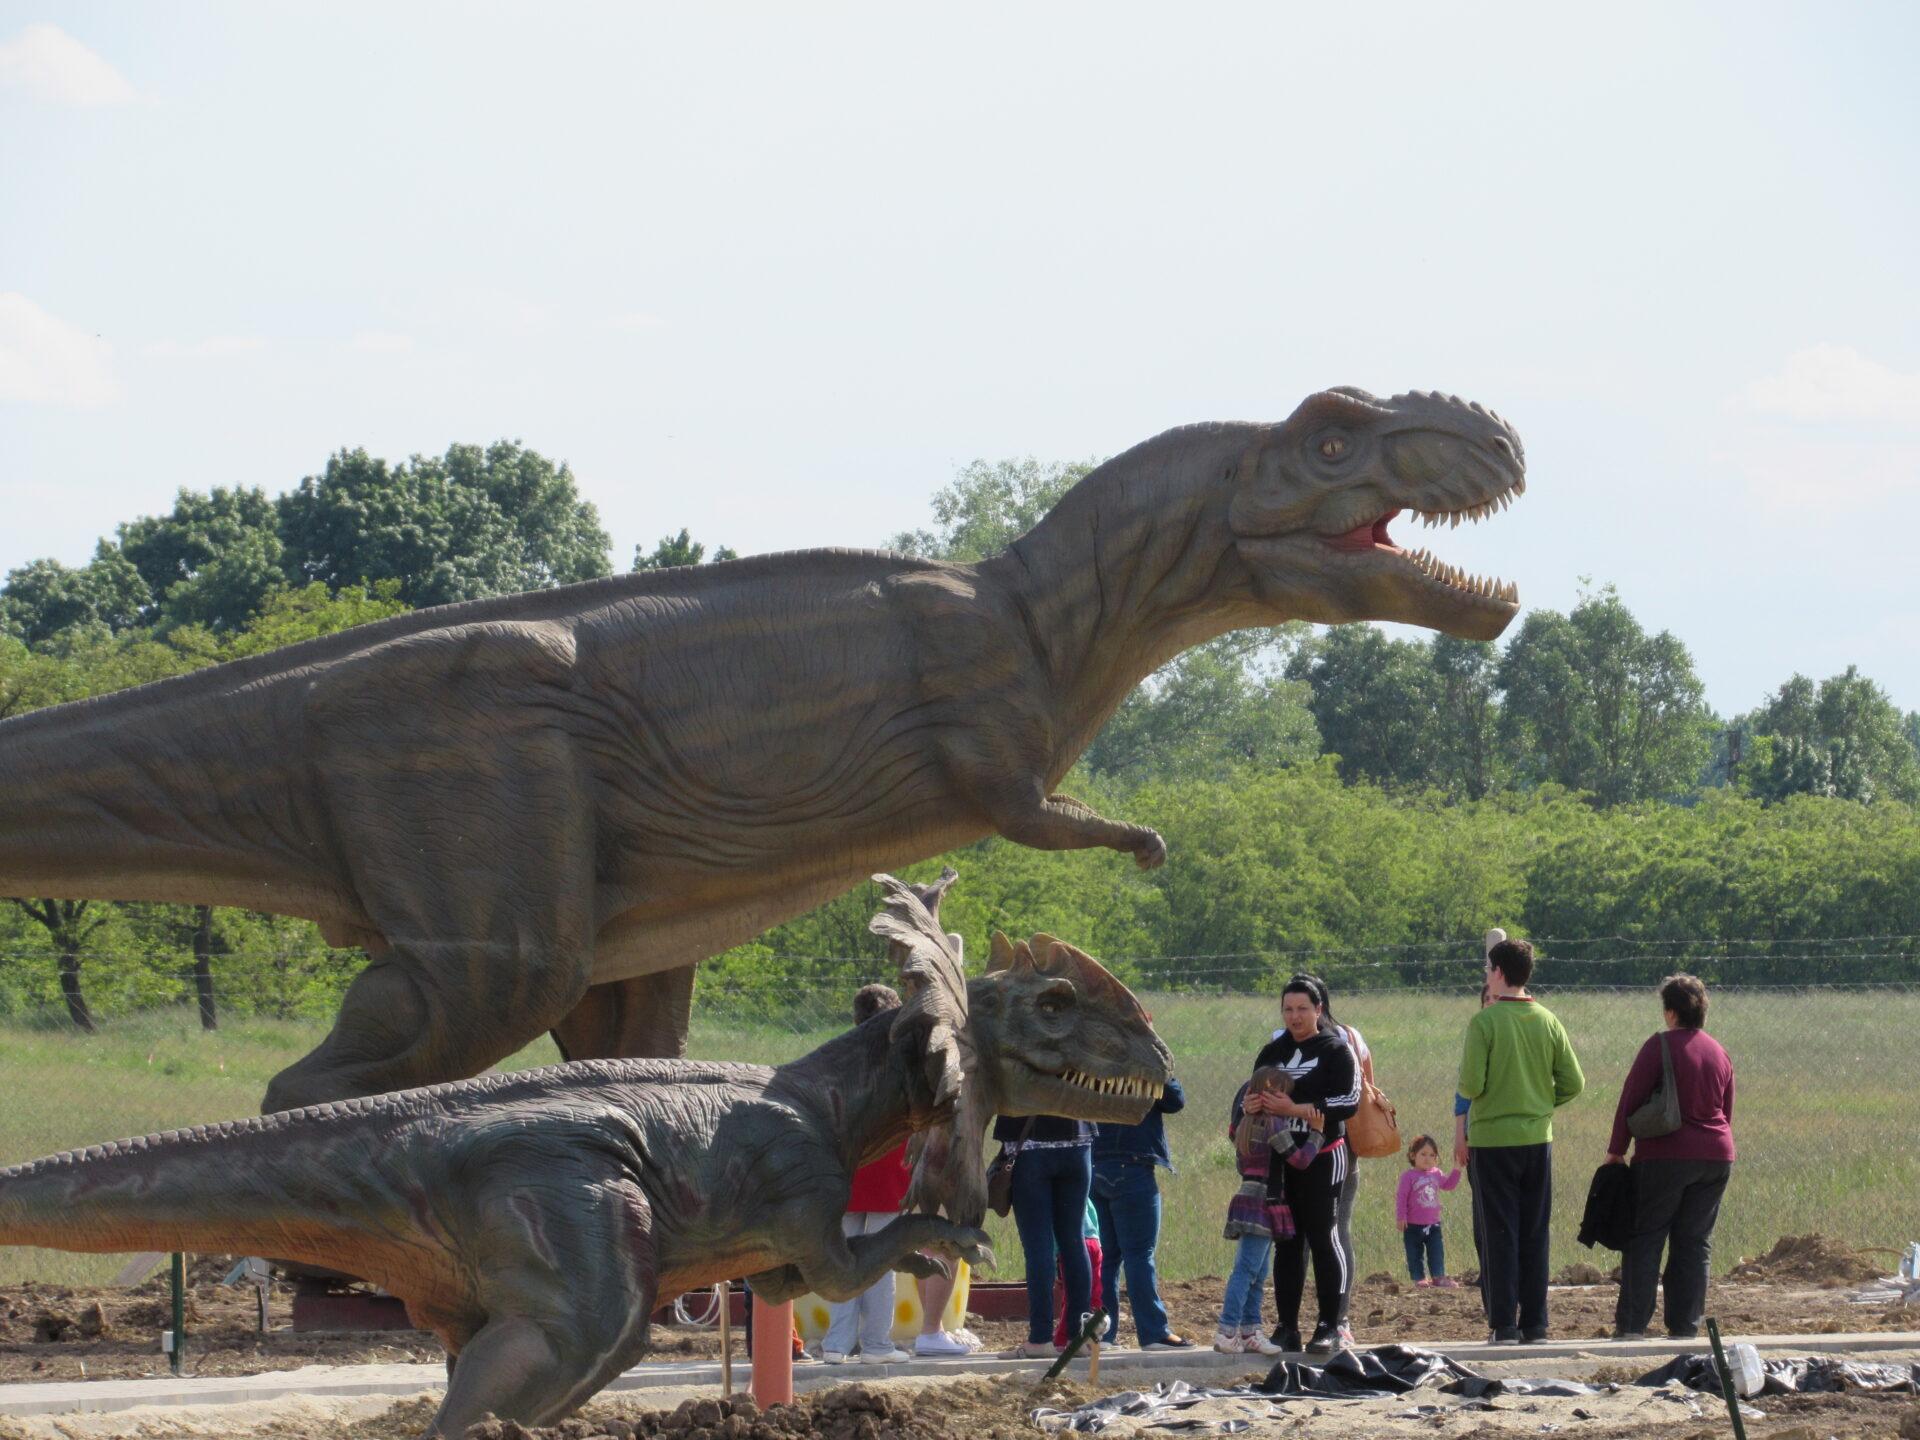 Tiszaderzs-Dinopark